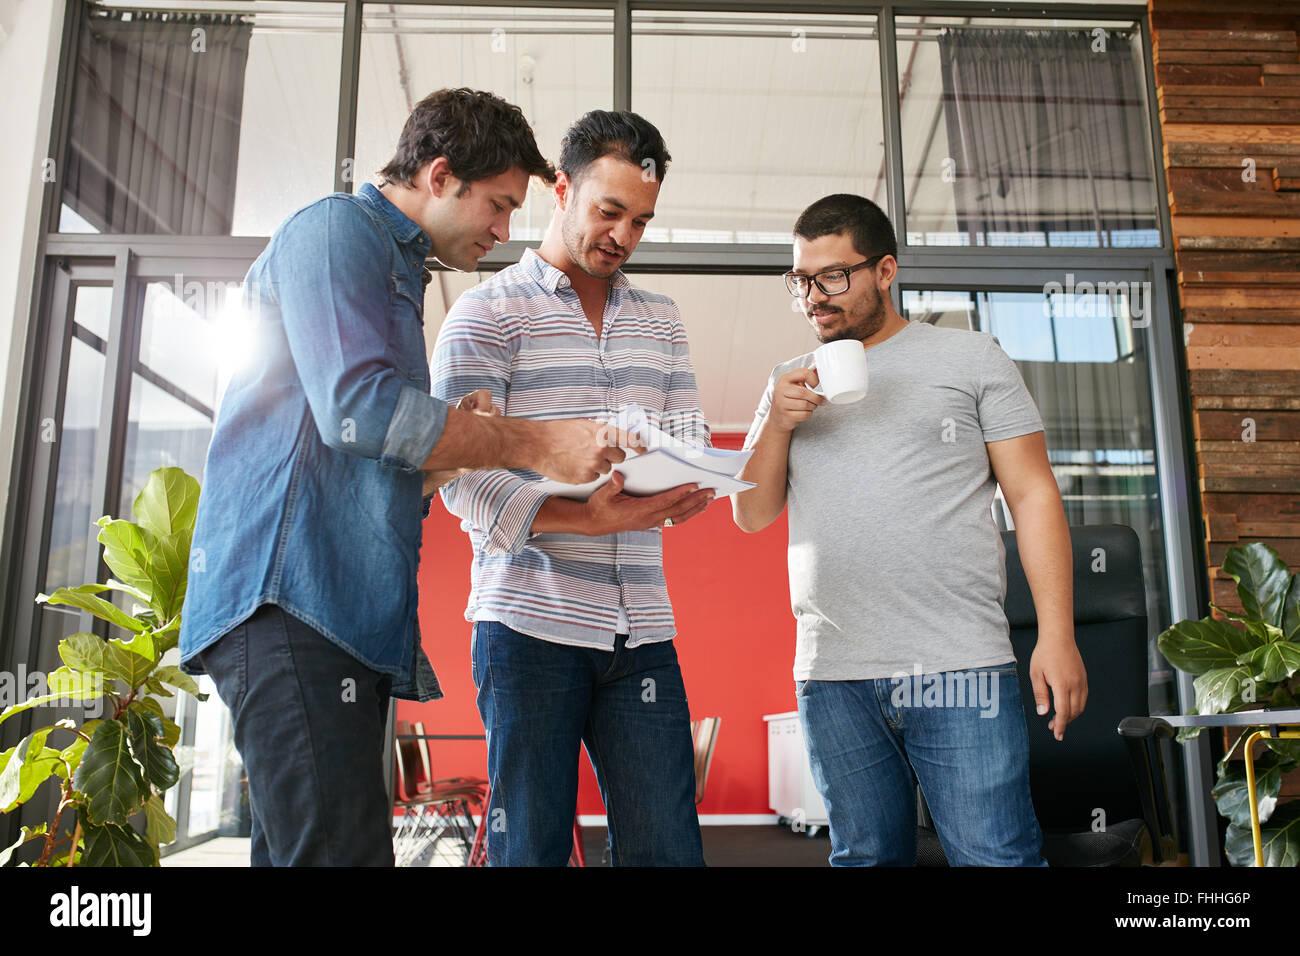 Gruppe von Geschäftsleuten diskutieren Papierkram im Büro. Drei junge Männer im Büro treffen. Stockbild